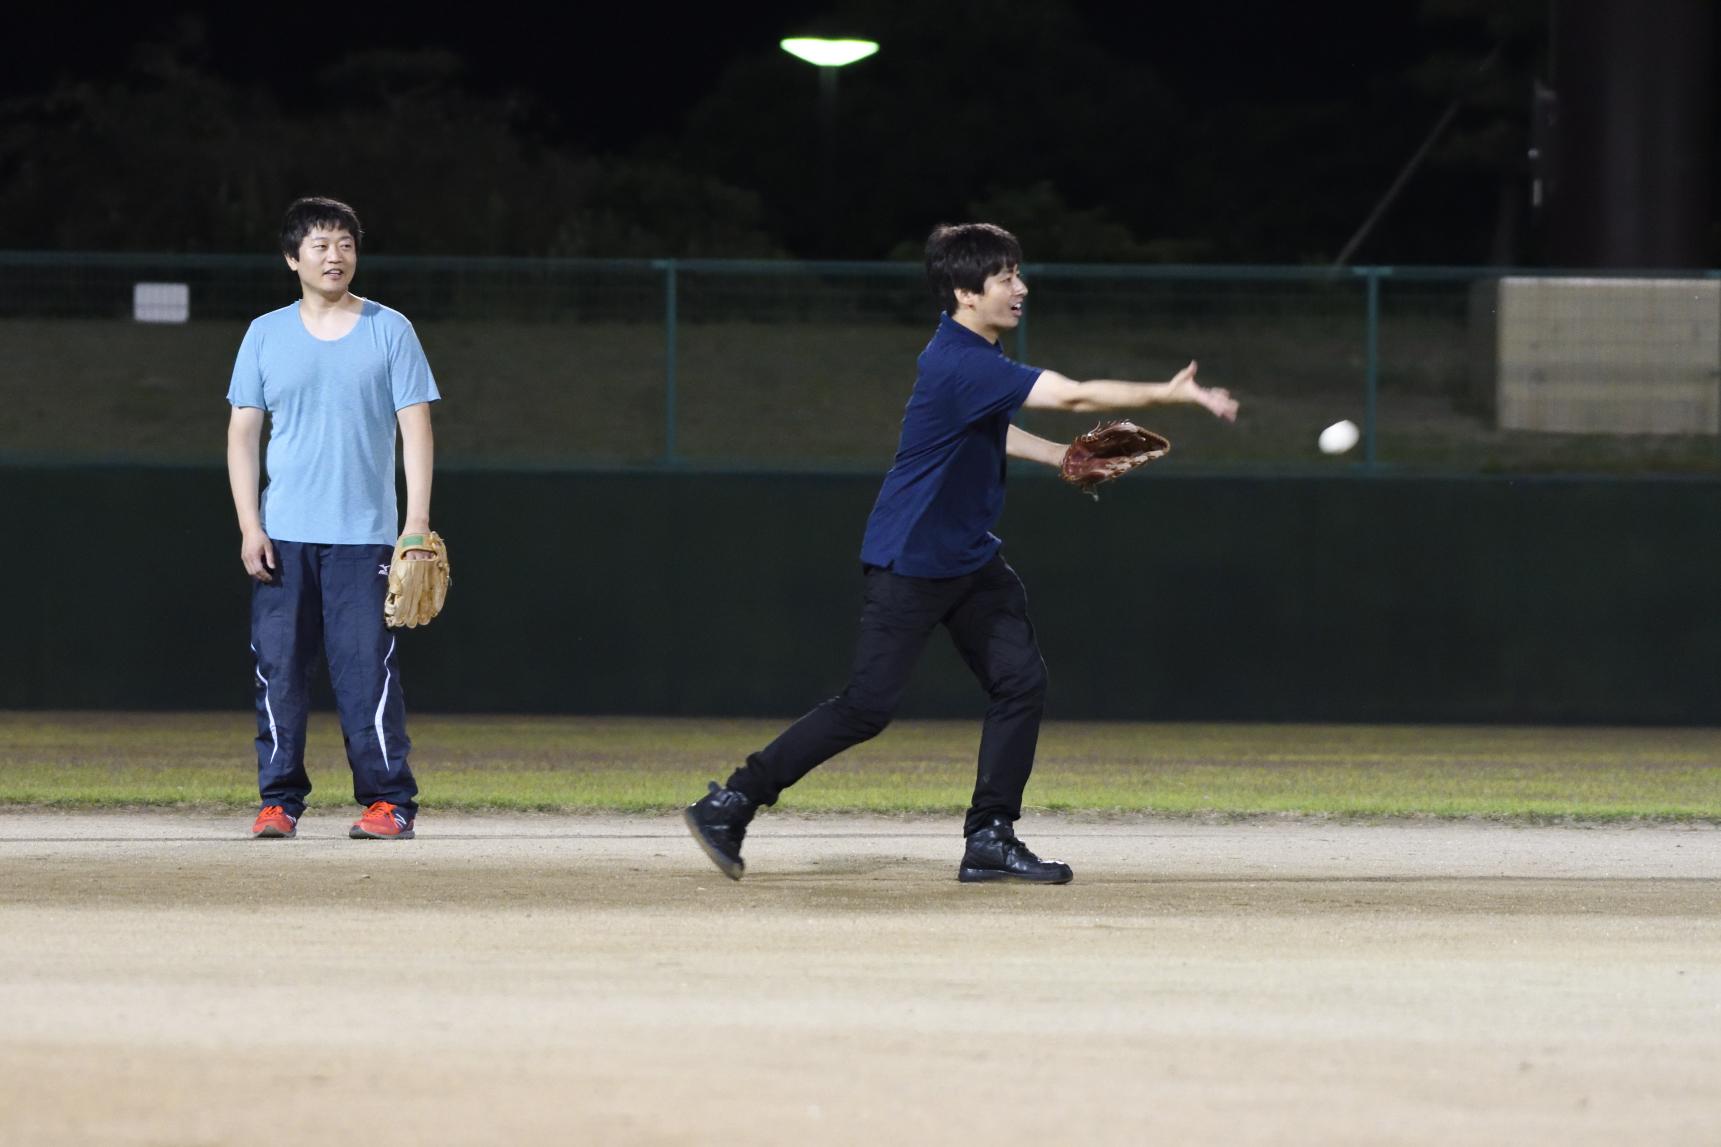 秘密兵器の磯貝先生、下手投げが得意技。